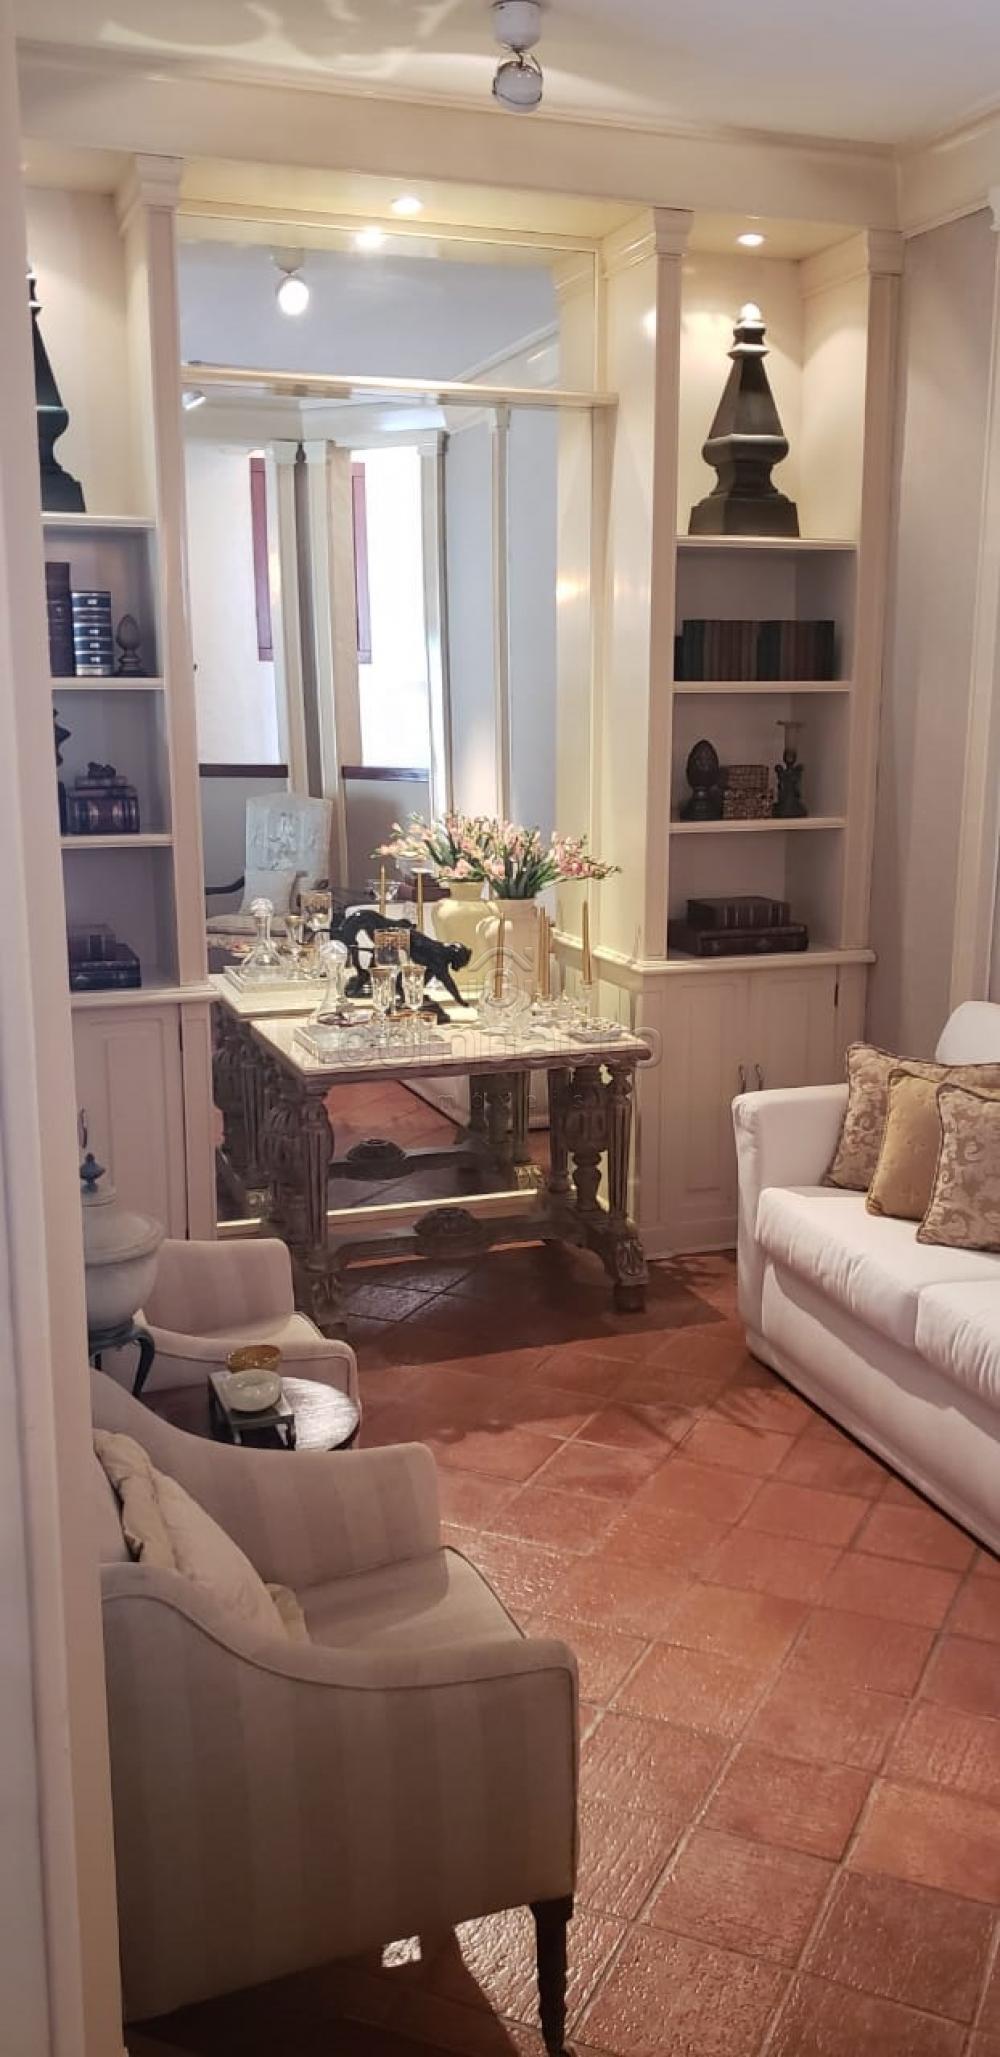 Comprar Casa / Condomínio em São José do Rio Preto apenas R$ 2.500.000,00 - Foto 7